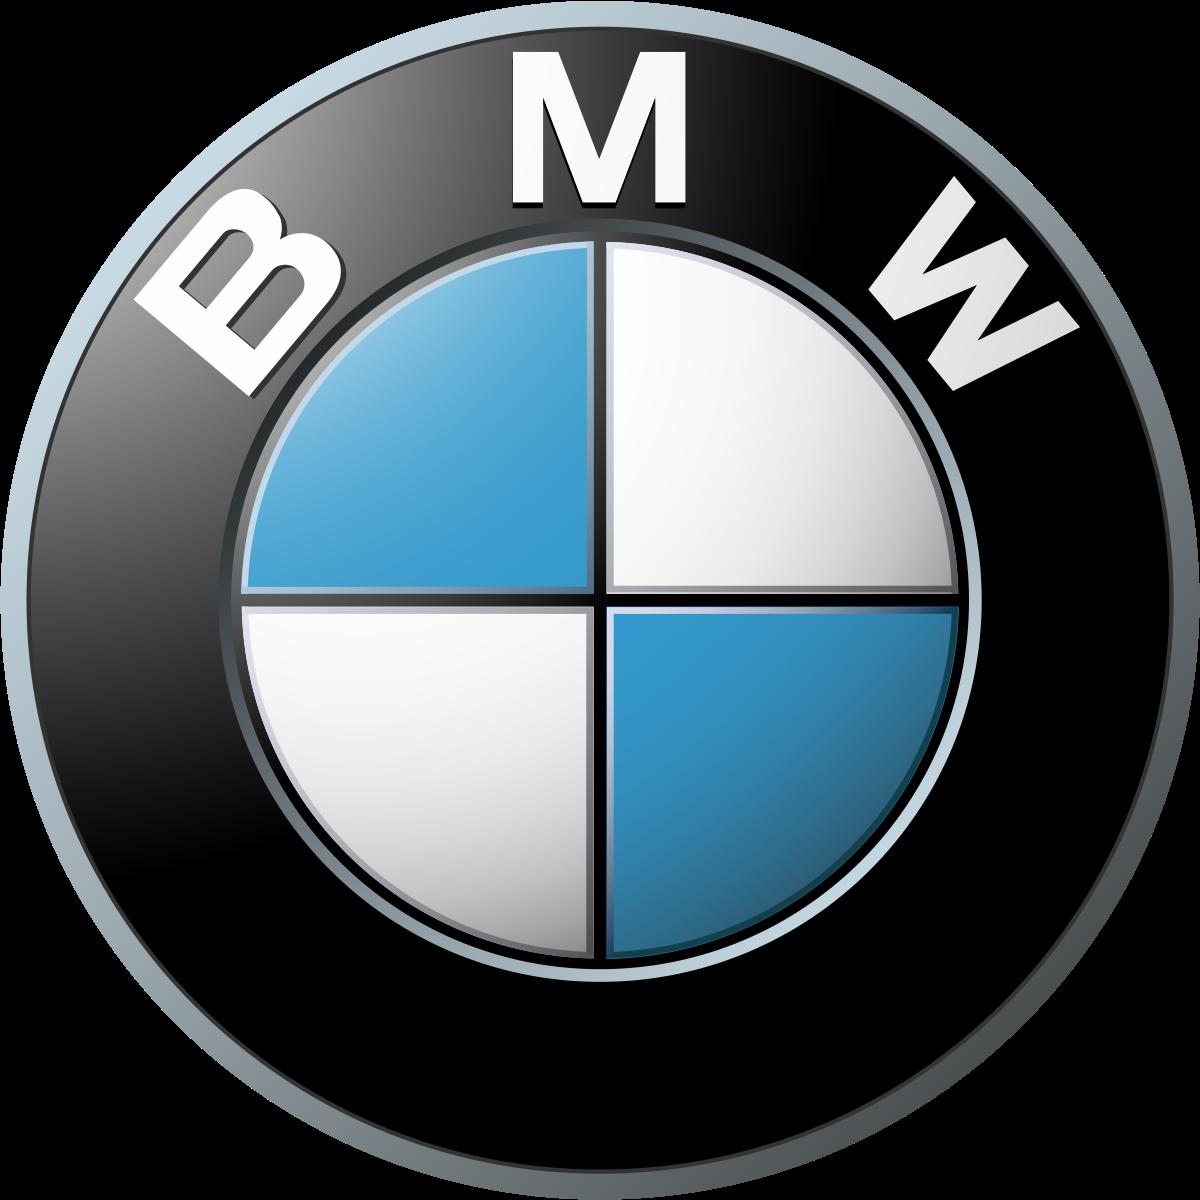 【話題】BMW役員が暴言「韓国人の運転スタイルのせいで燃えてんじゃないの?」